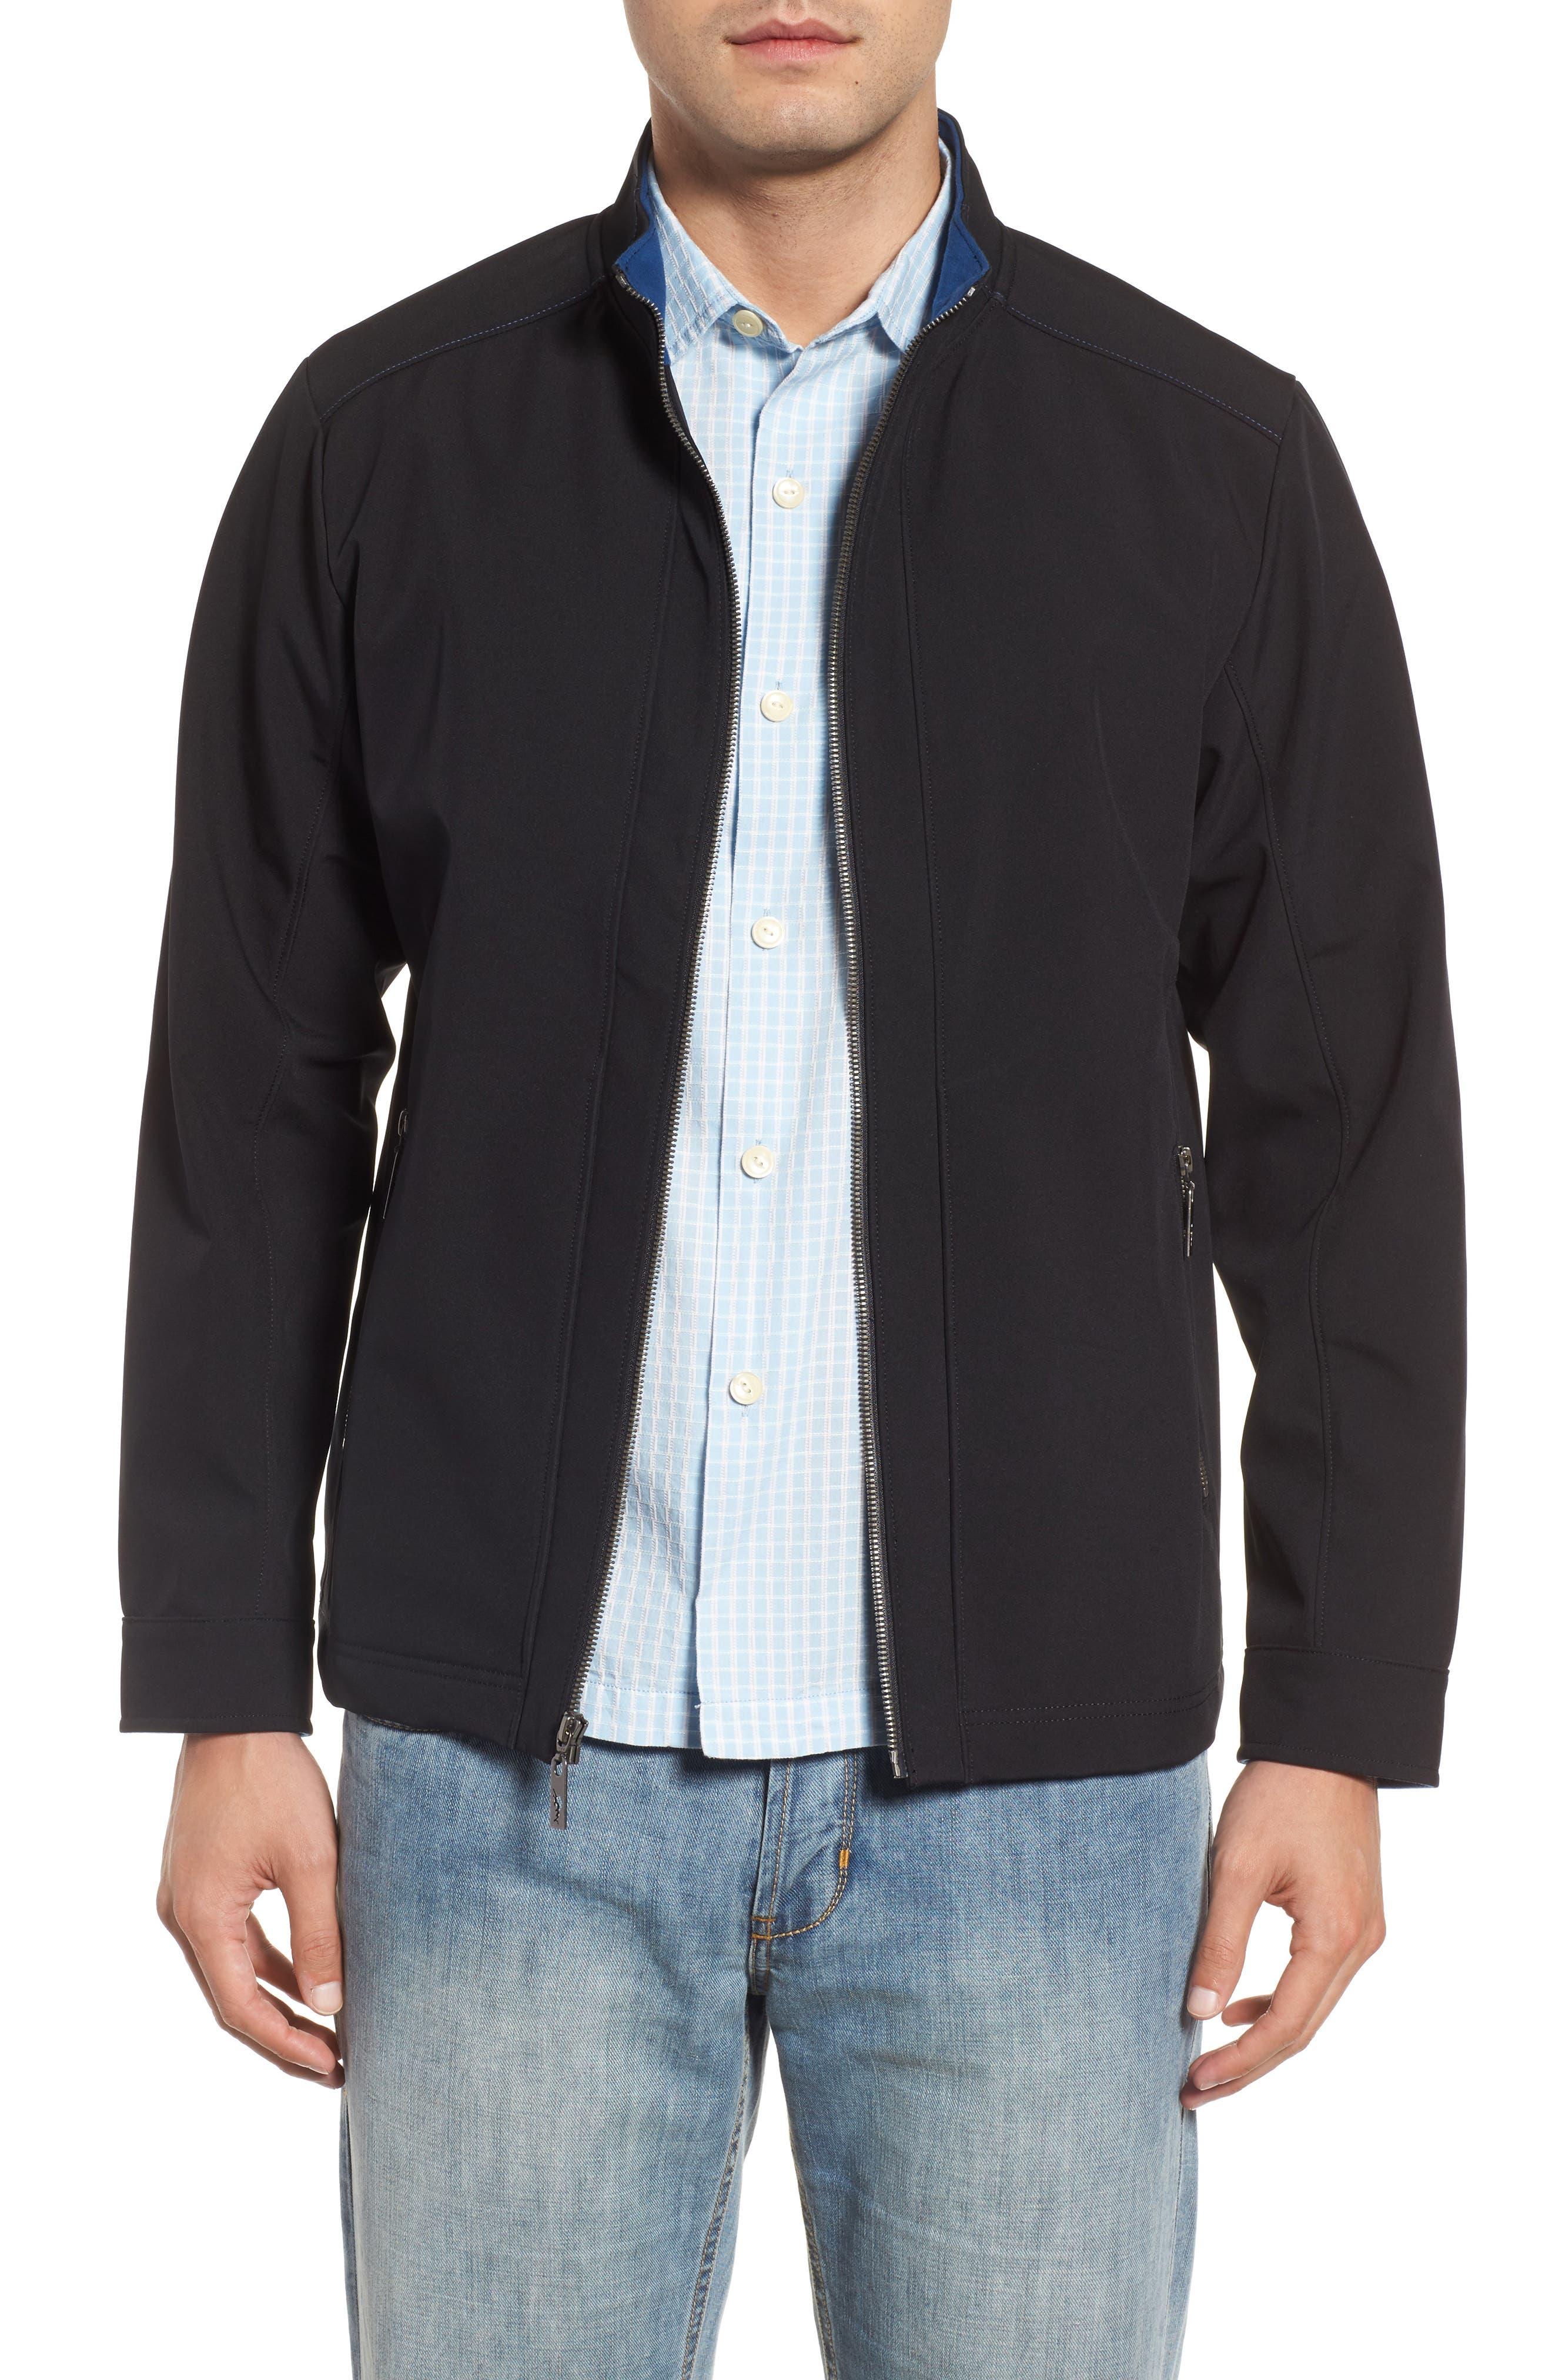 Downswing Zip Jacket,                             Main thumbnail 1, color,                             Black